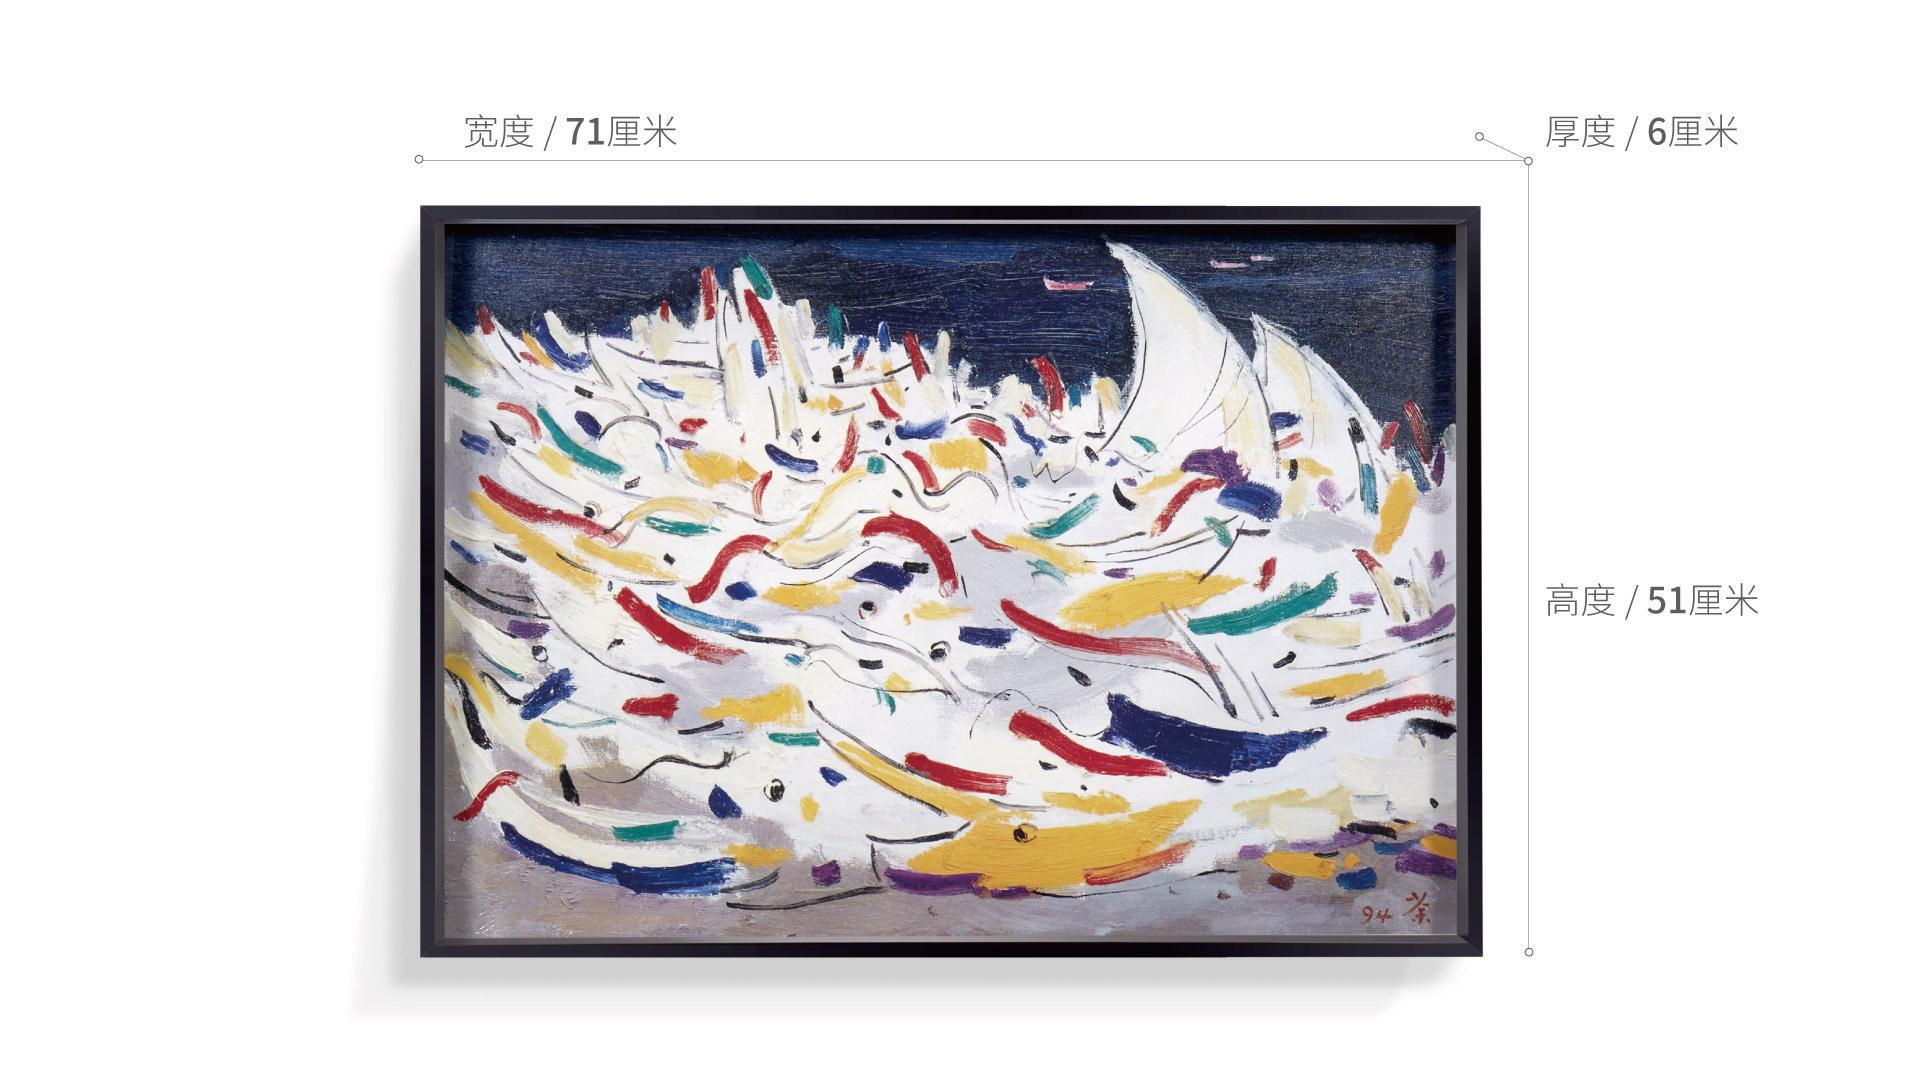 吴冠中系列版画-色彩印尼舟群装饰效果图